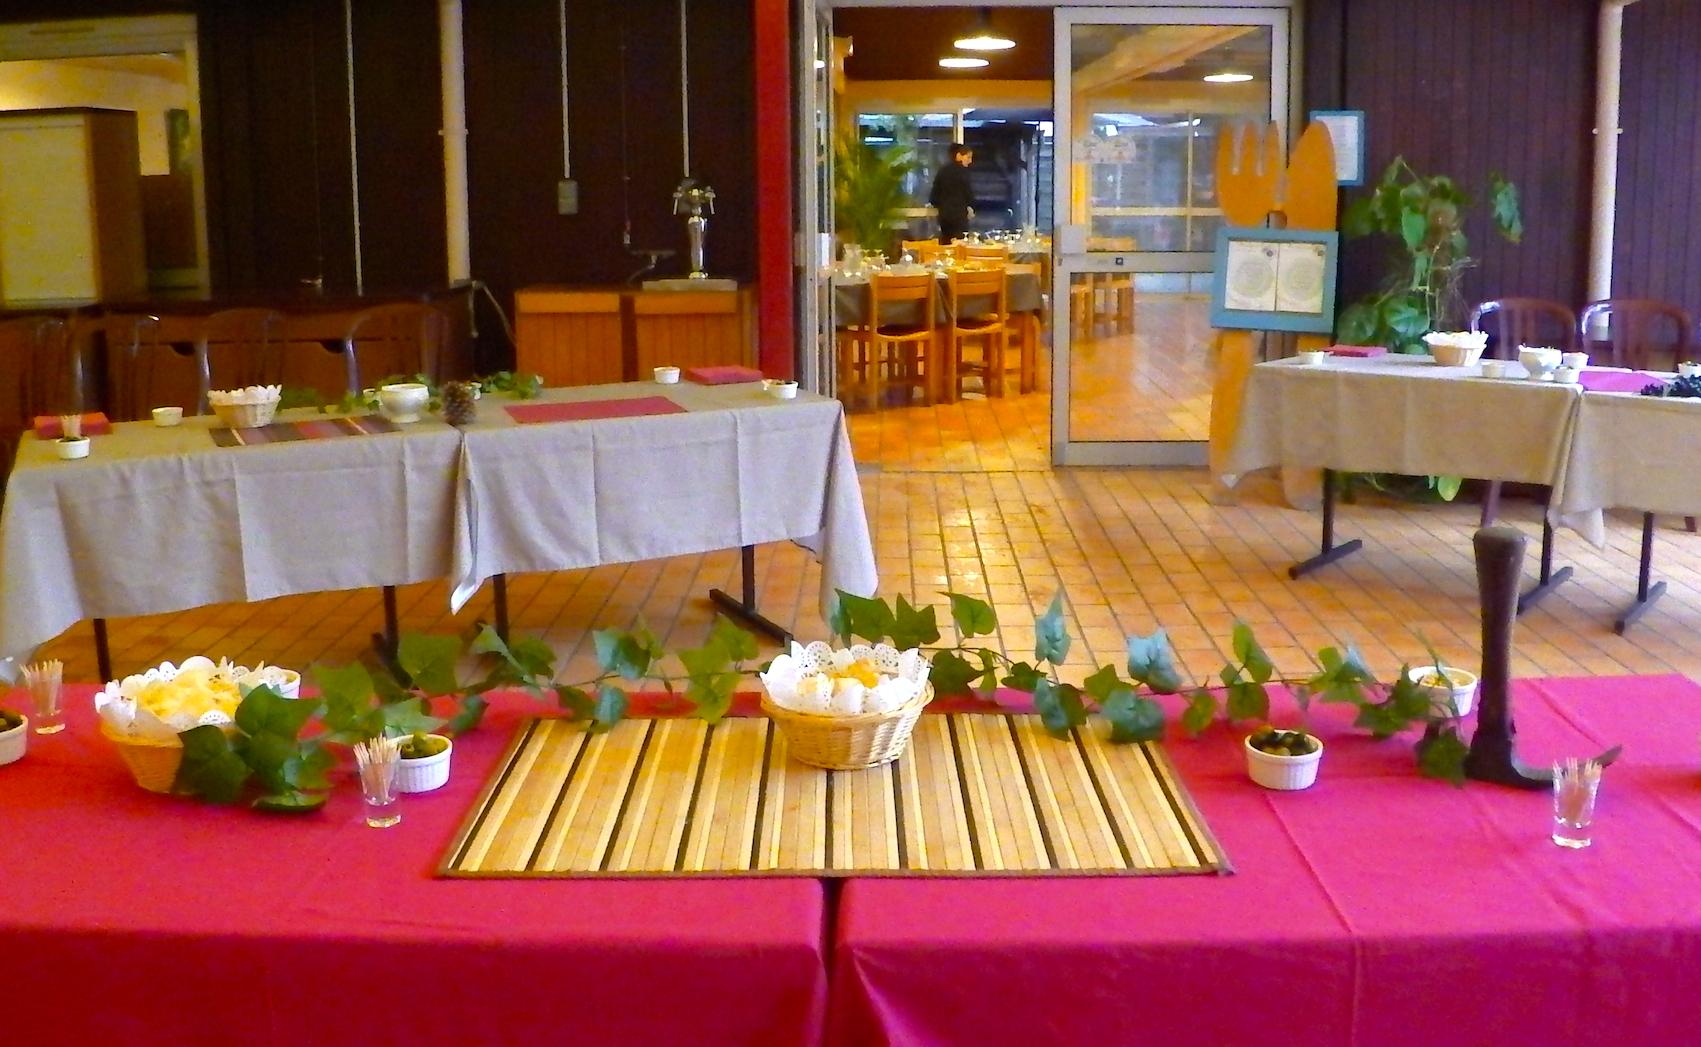 seminaire-commercial-sud-ouest-pays-basque-le-cercle-evenements-agence-evenementielle-19